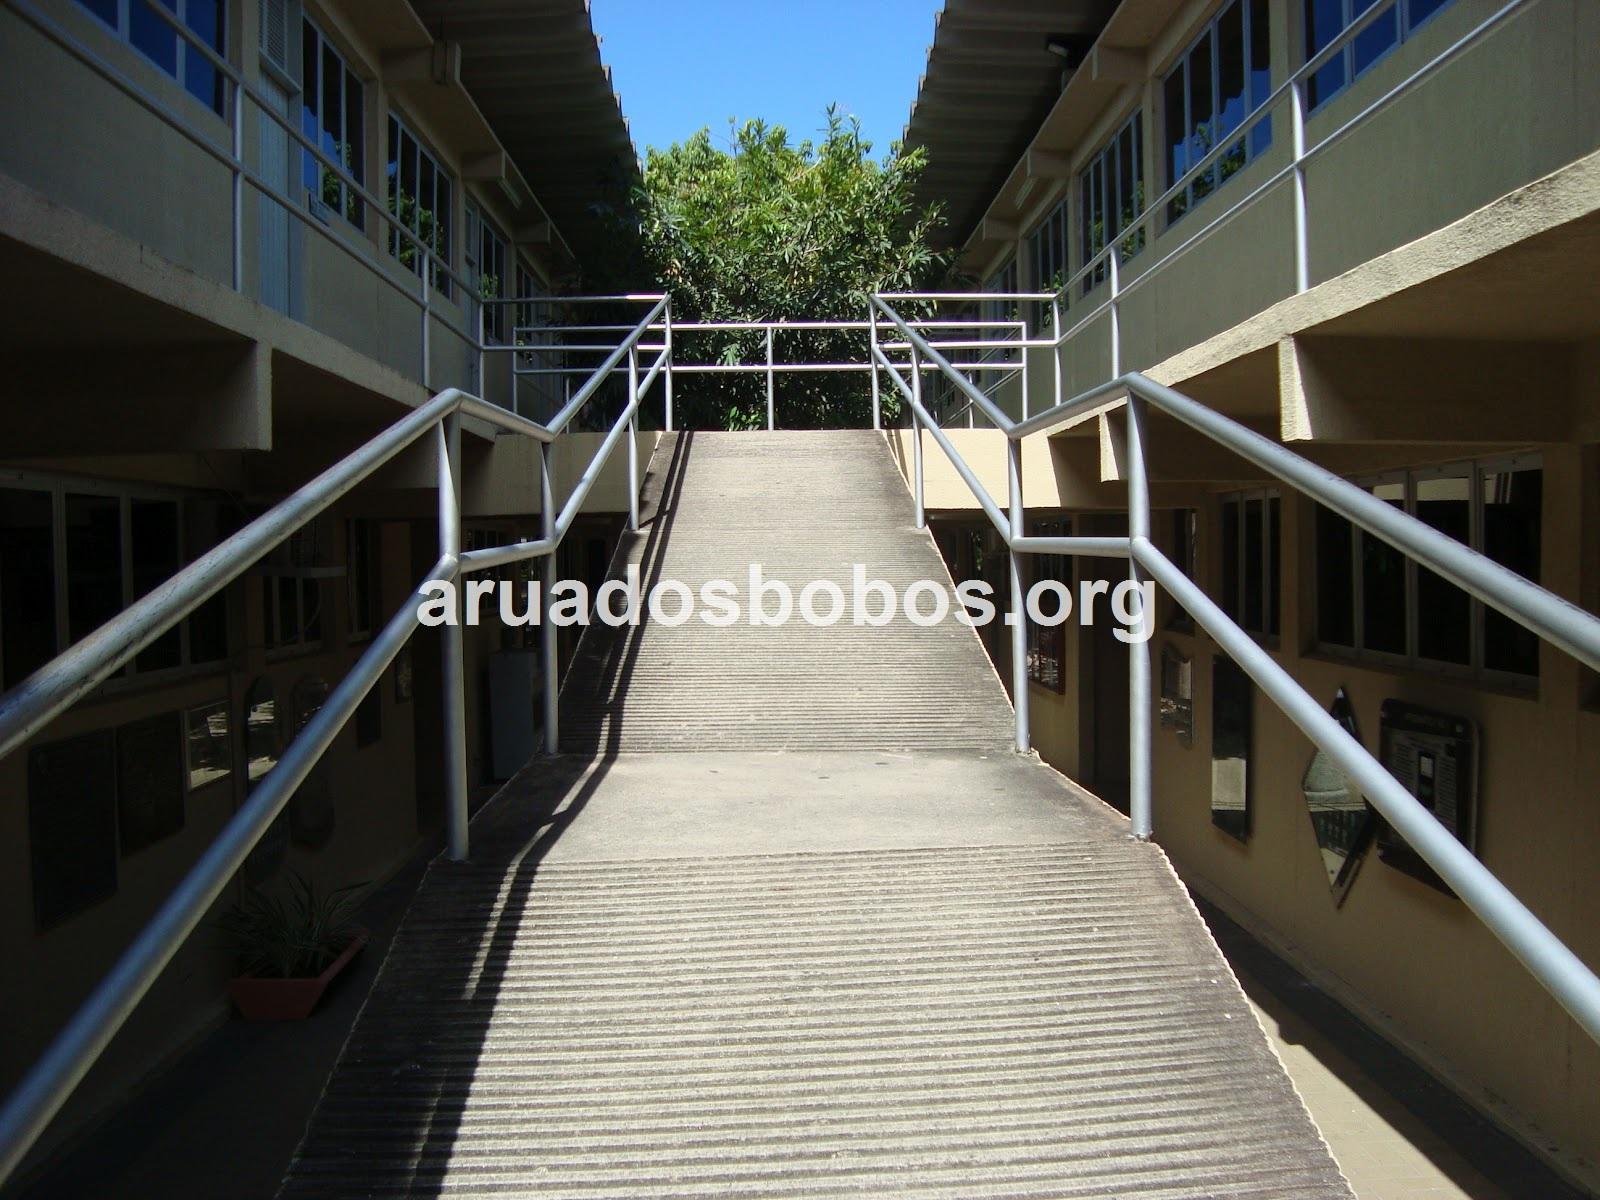 Rua dos Bobos: Acessibilidade na Unifor. Cadê? #126AB9 1600x1200 Banheiro Cadeirante Abnt